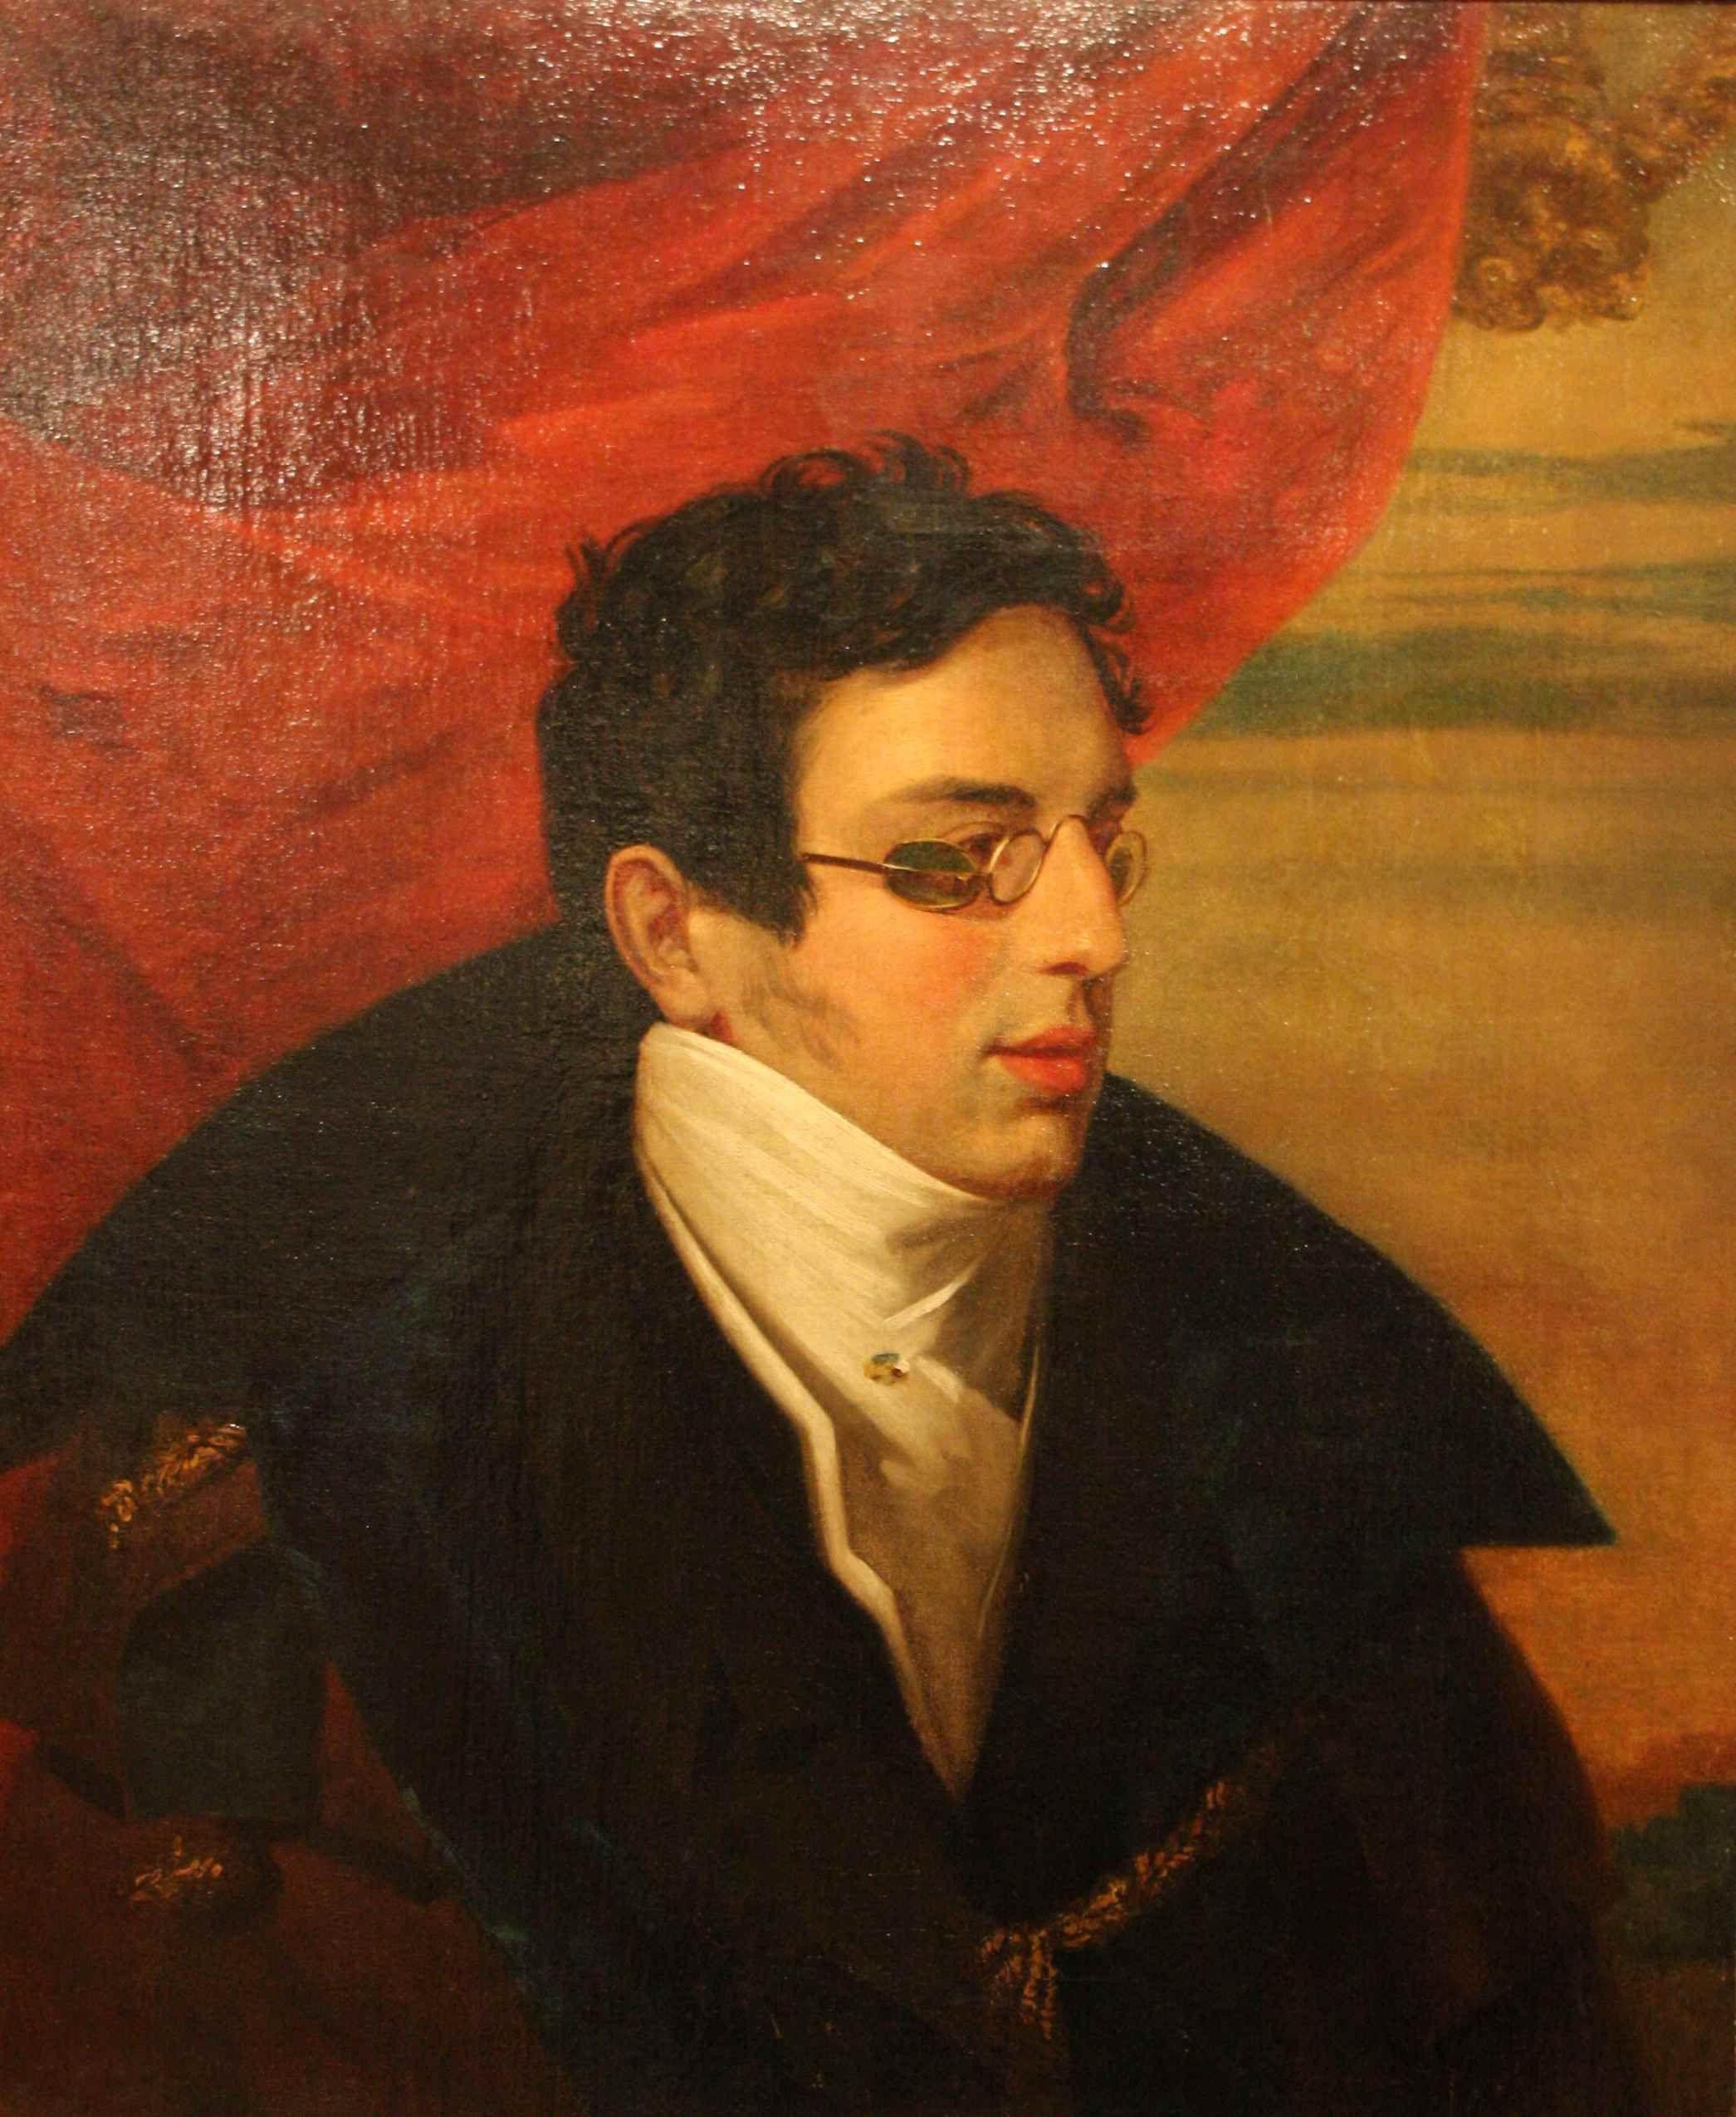 Николай Иванович Гнедич. Портрет работы Ореста Кипренского. 1826-1828 гг.